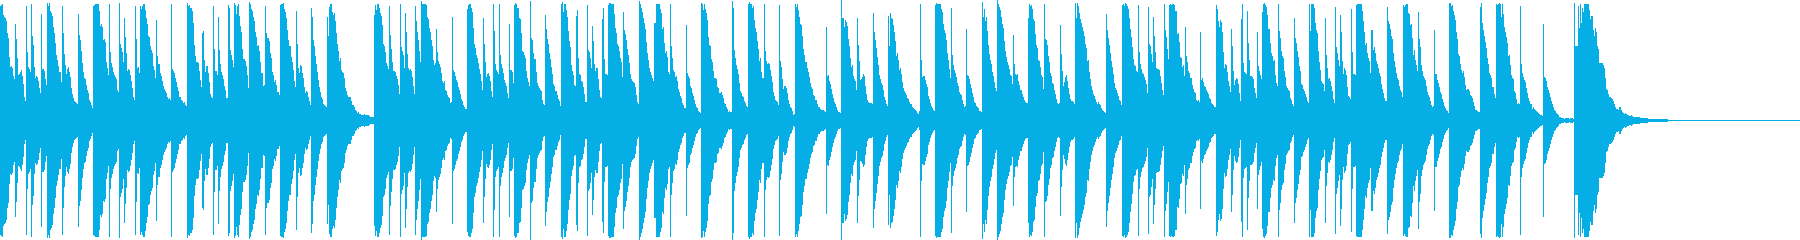 定番クリスマスソングをカバー_オルゴールの再生済みの波形